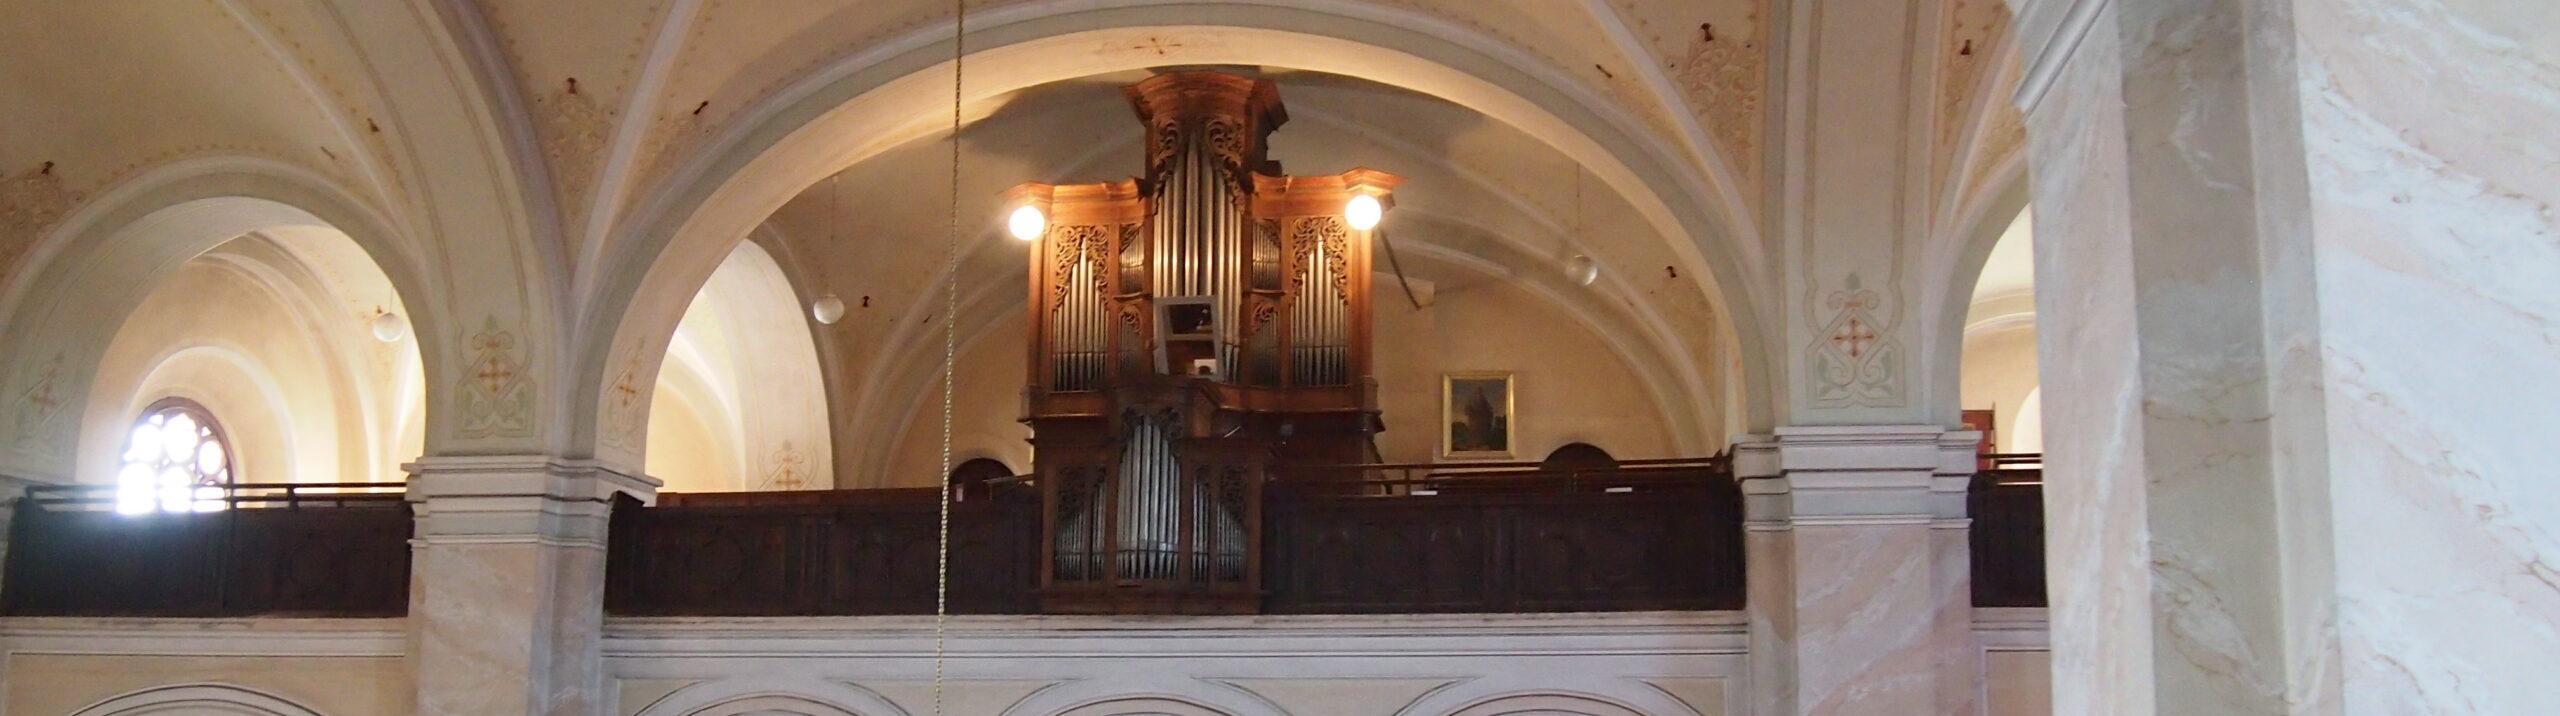 Nadační fond Lišovské varhany